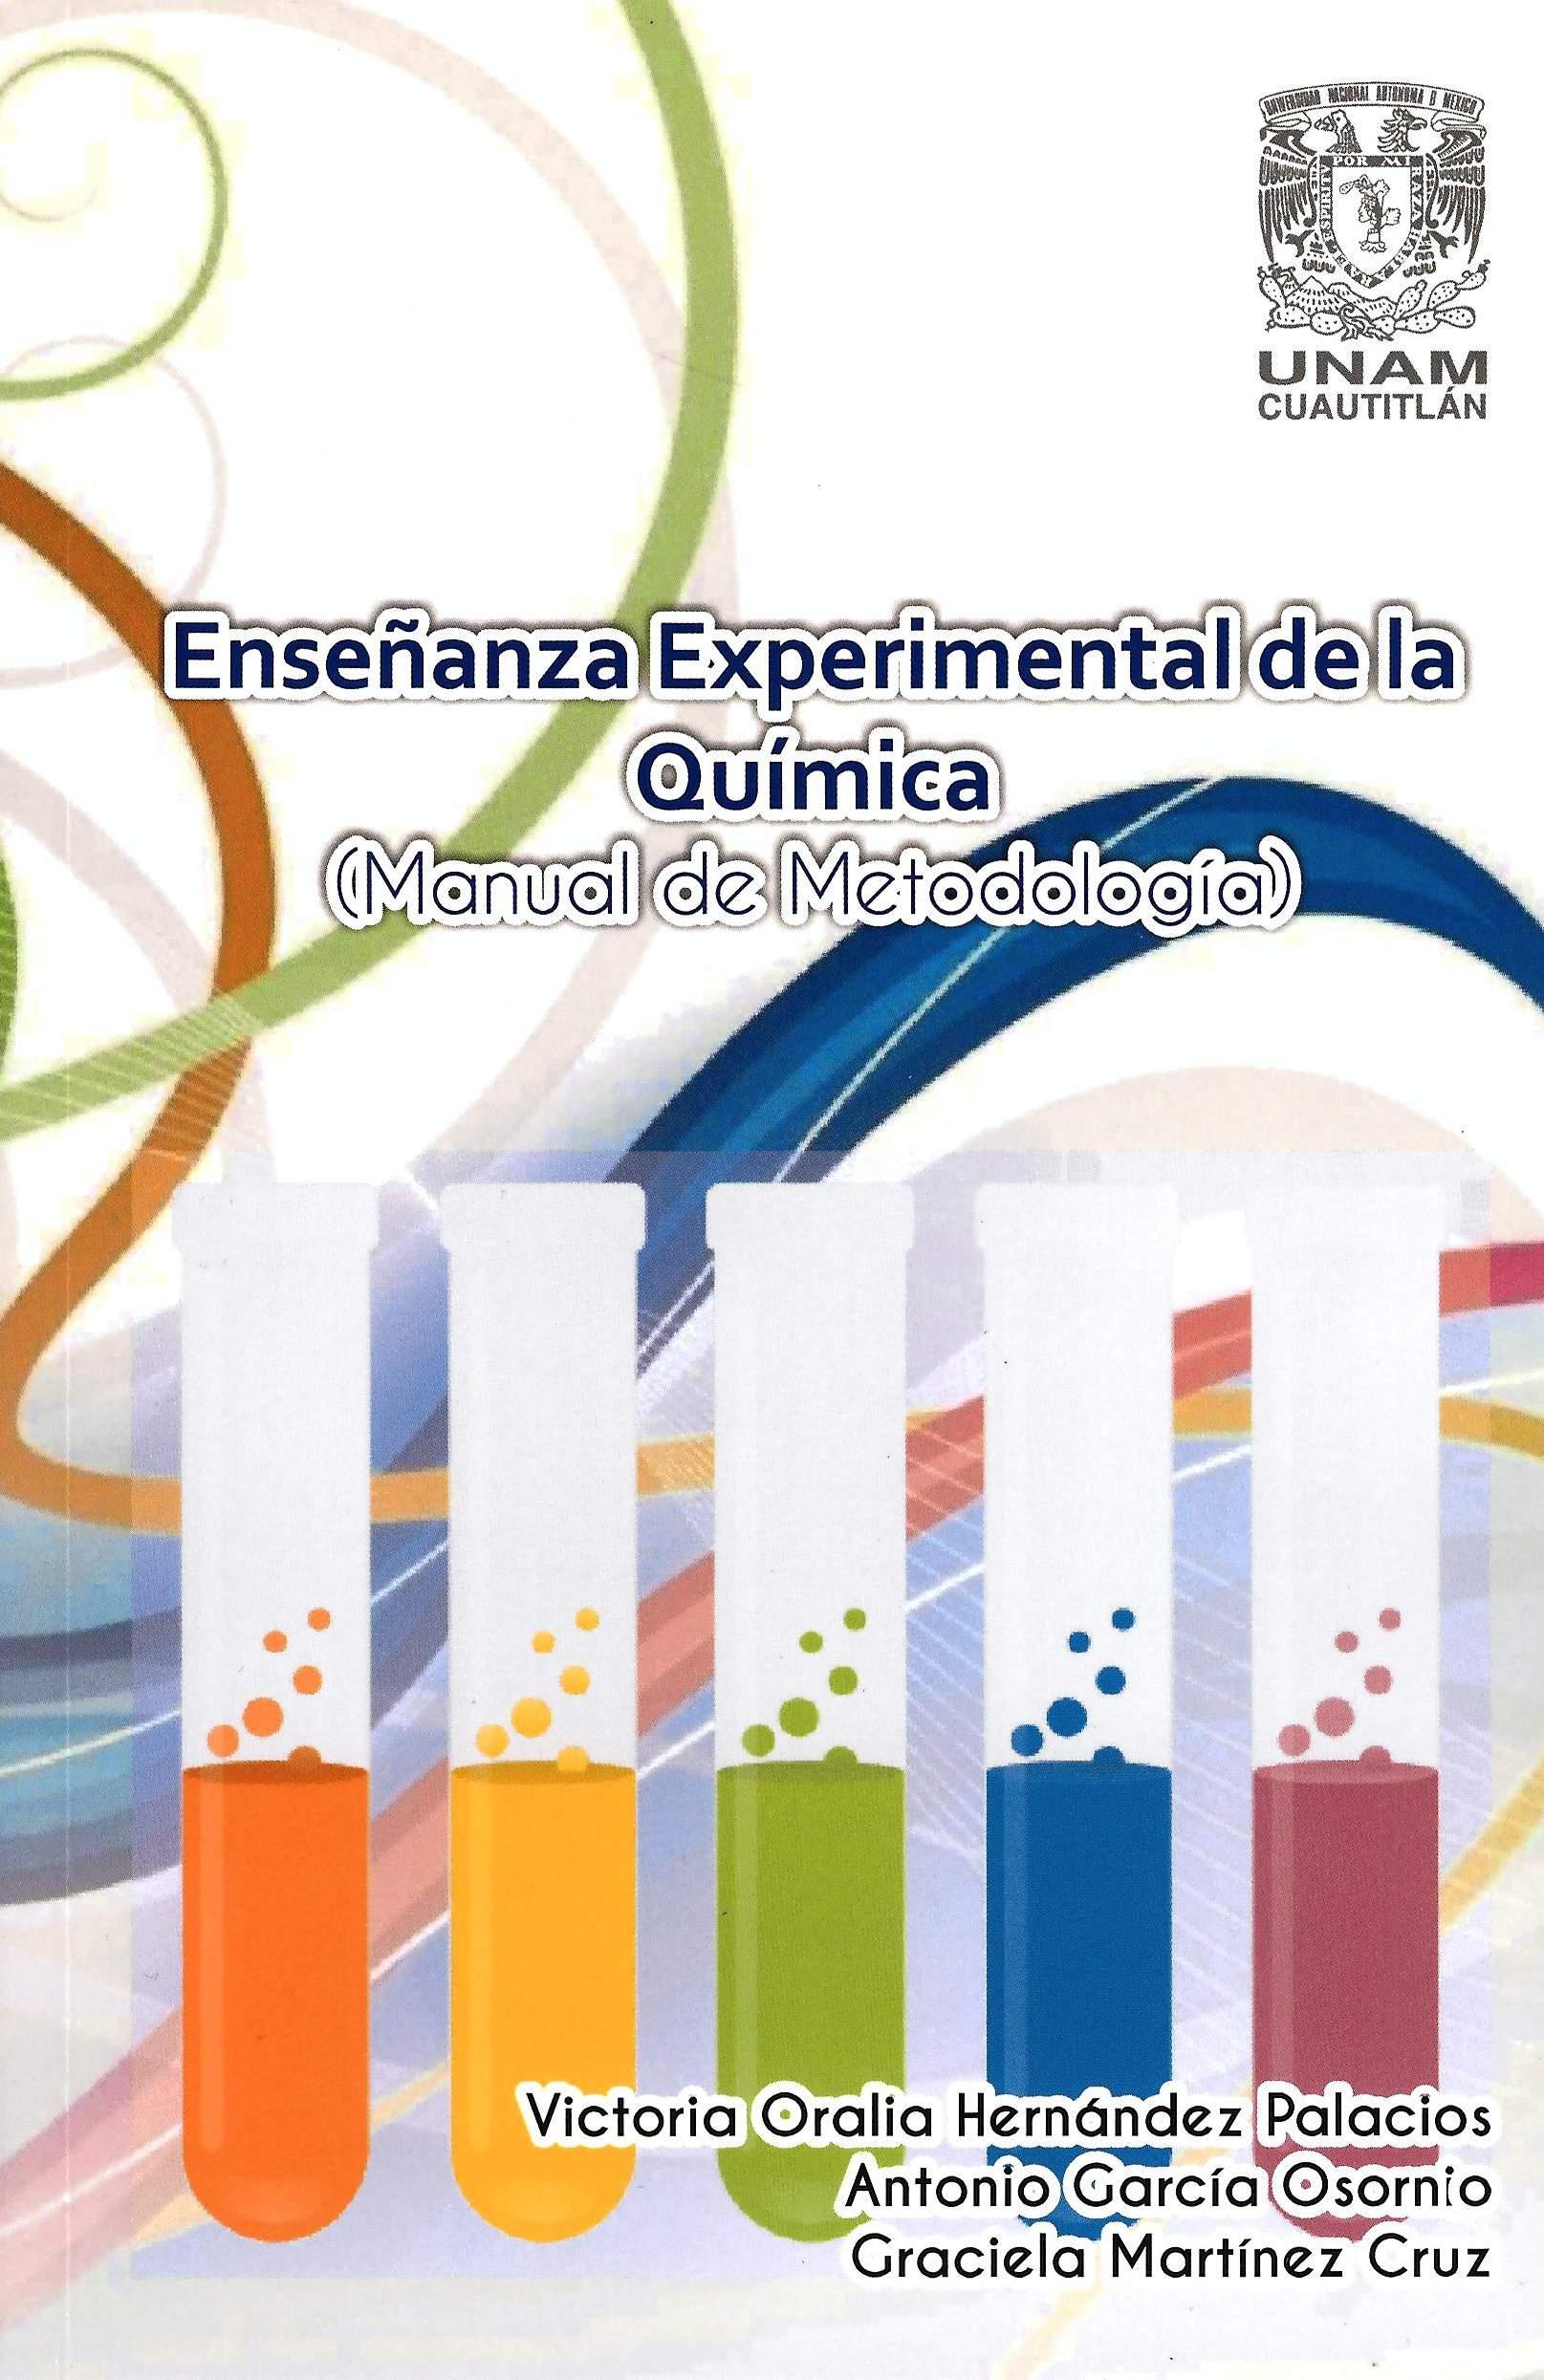 Enseñanza experimental de la química: manual de metodología